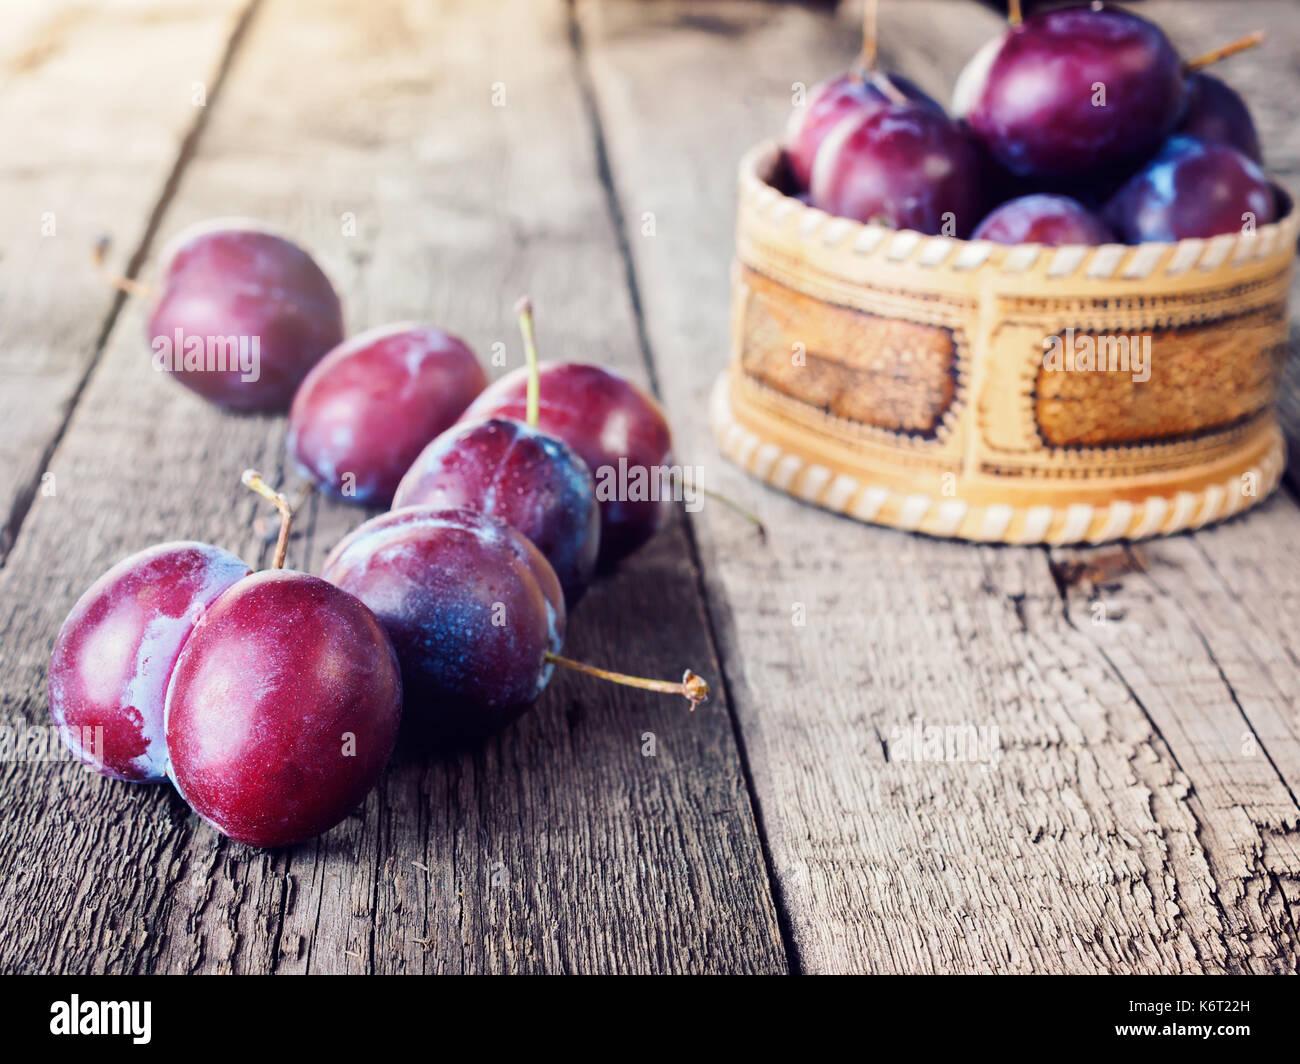 Fresche e mature Prugne Prugne raccolto raccolto Immagini Stock